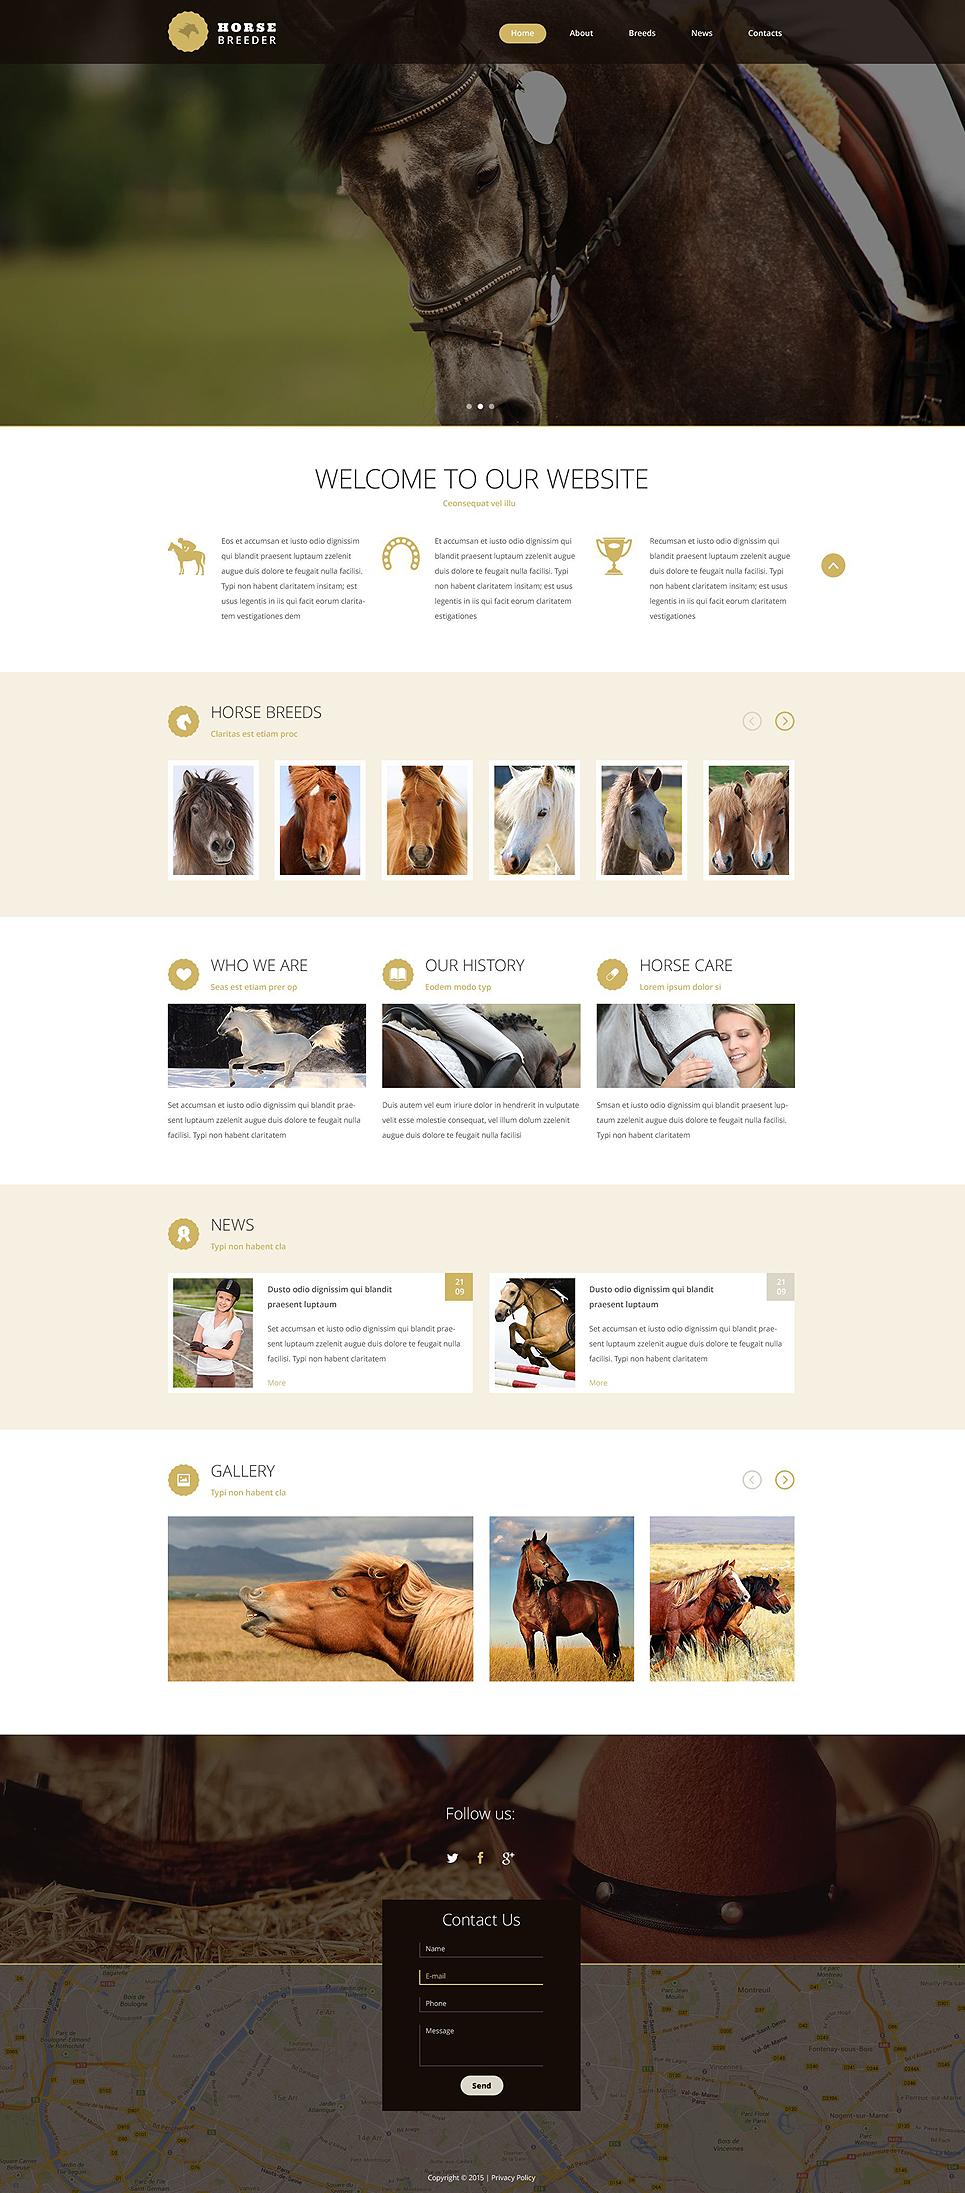 Horse Breeder template illustration image